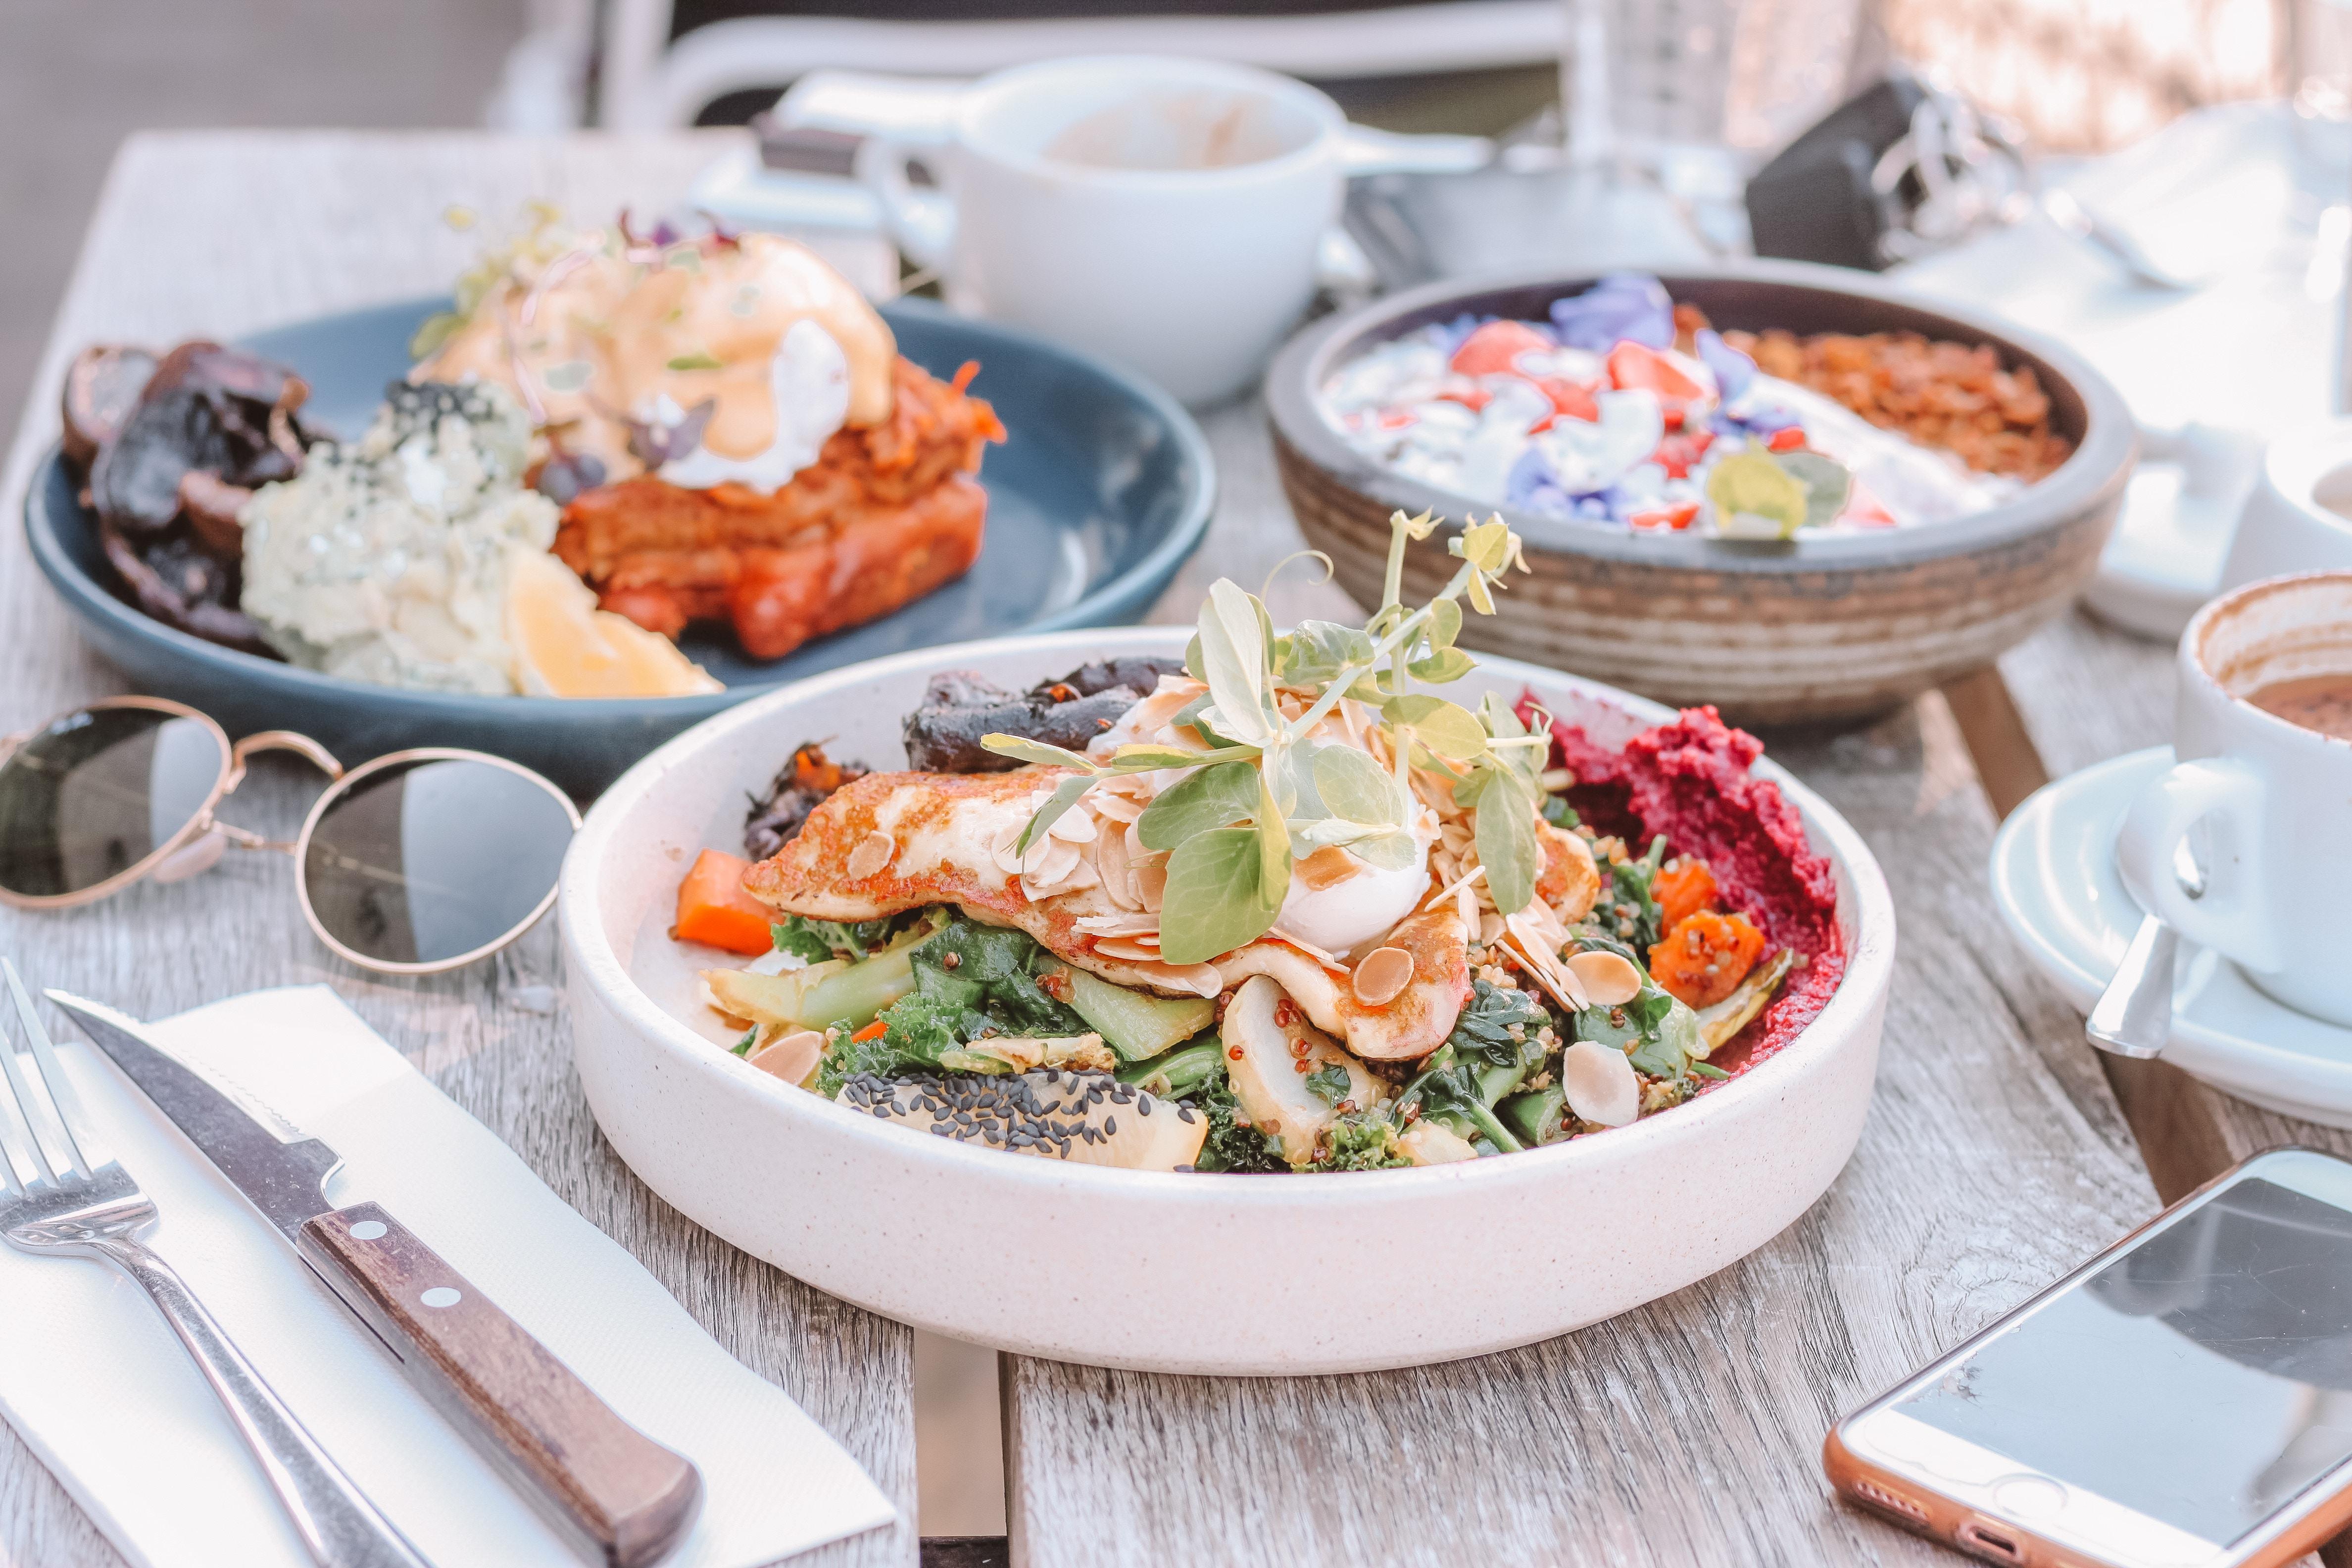 healthy food|healthy-food